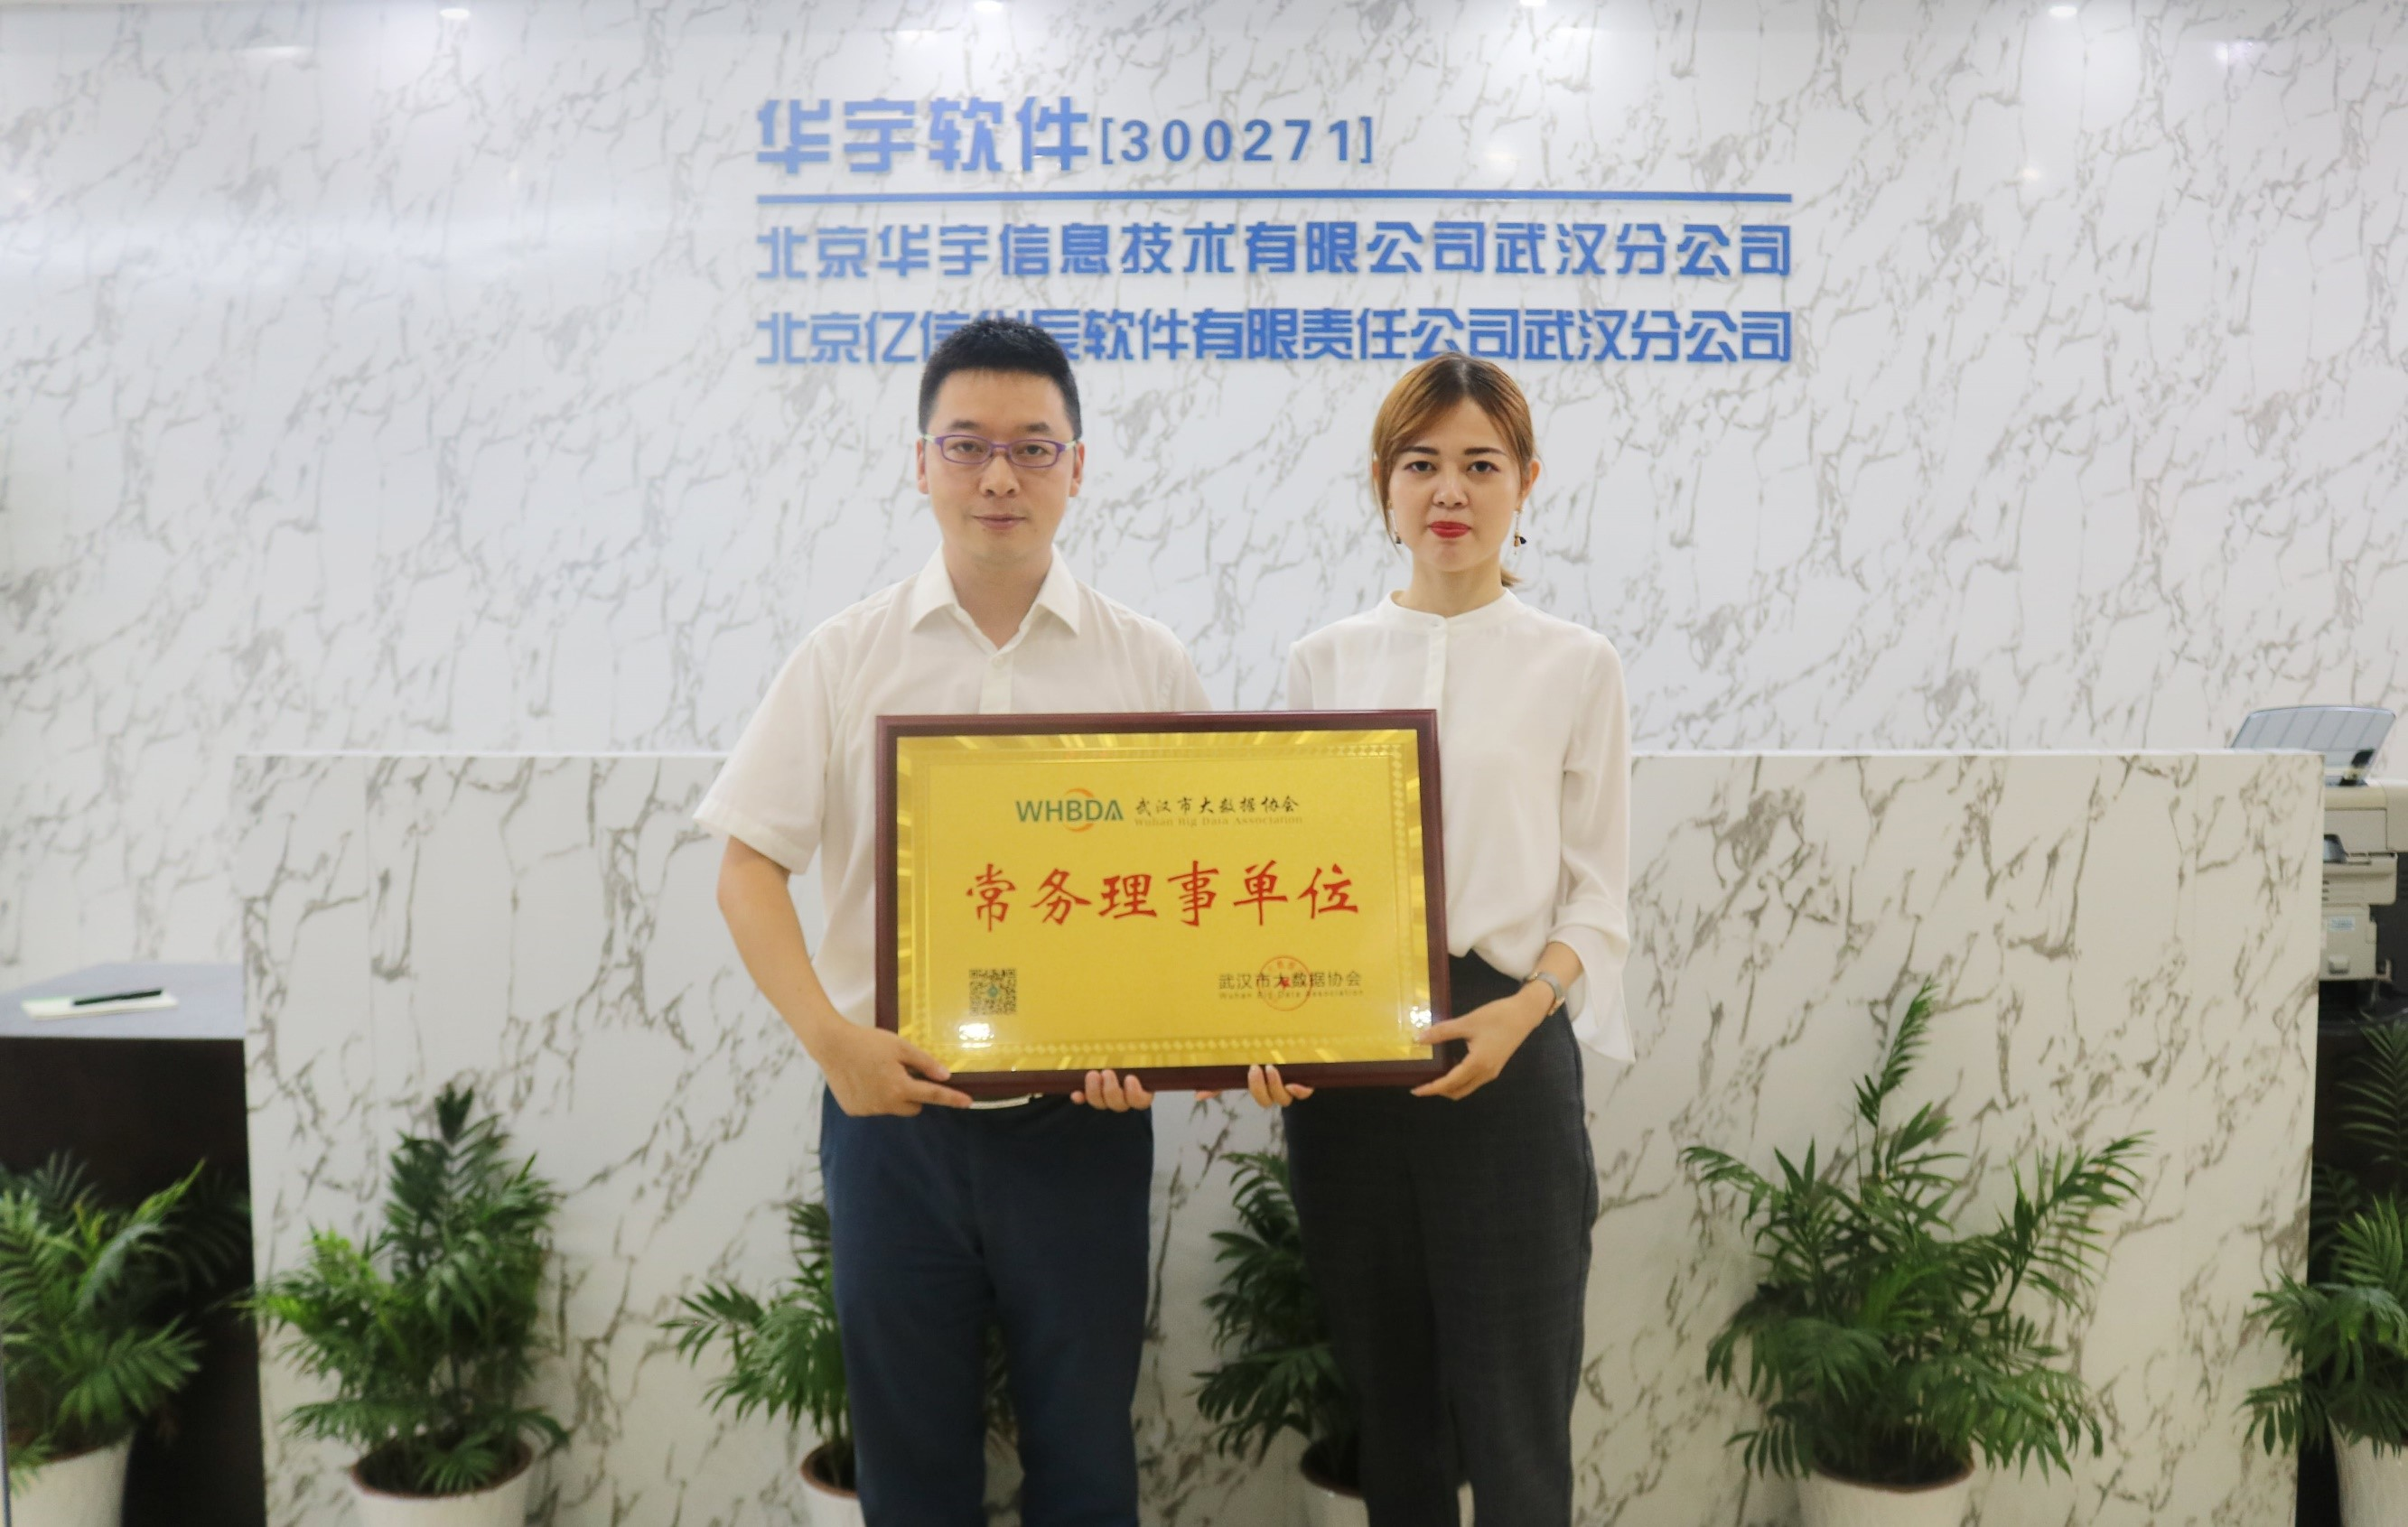 亿信华辰当选武汉市大数据协会常务理事单位